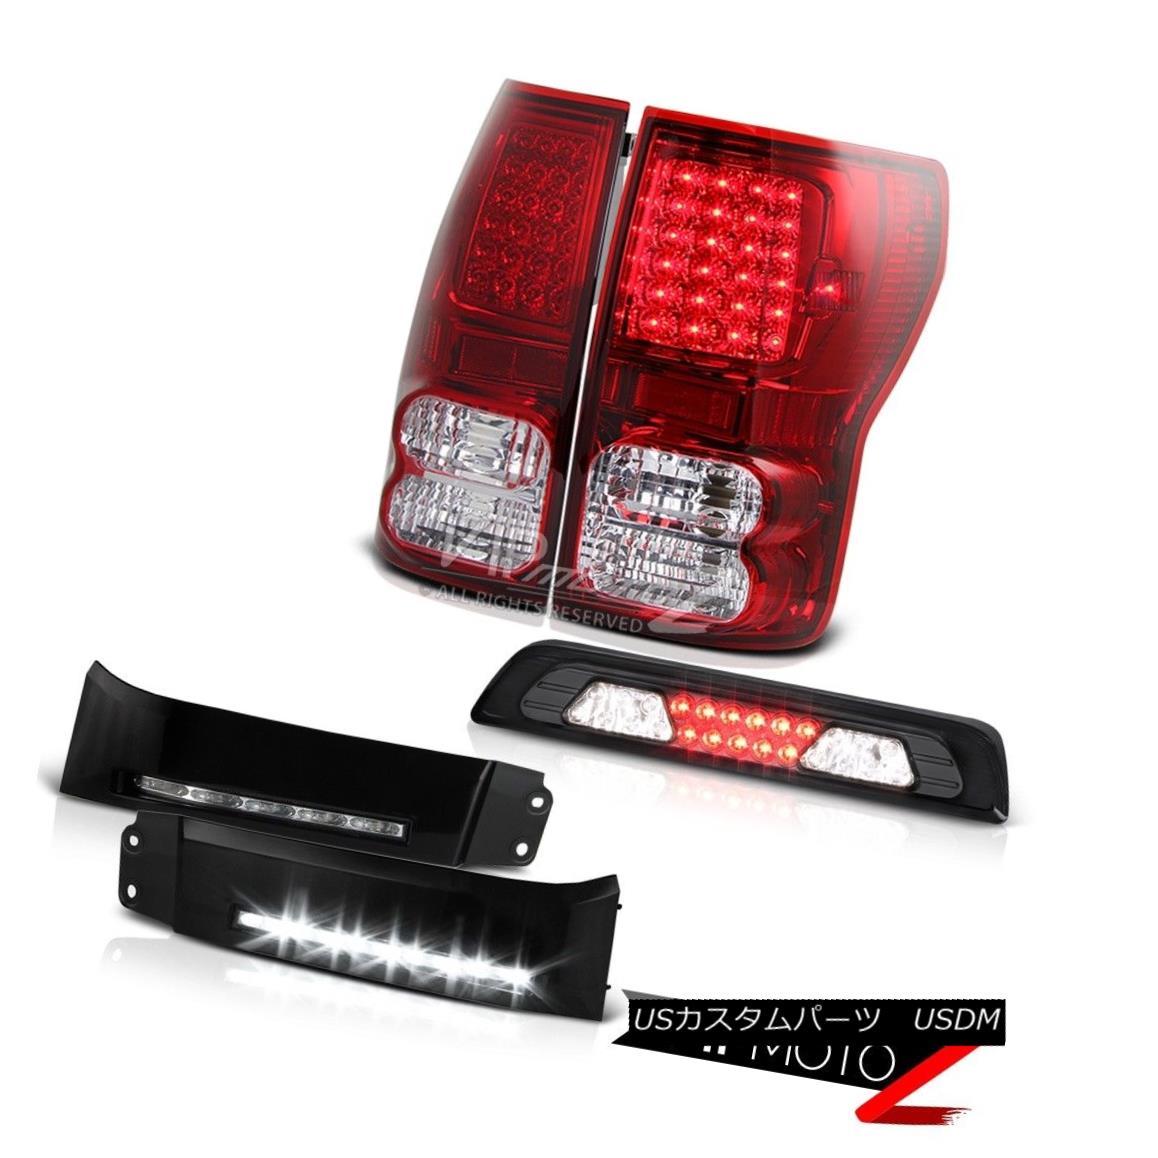 テールライト 07-13 Toyota Tundra SR5 DRL Strip Dark Smoke Third Brake Lamp Rear Lights LED 07-13トヨタツンドラSR5 DRLストリップダークスモークサードブレーキランプリアライトLED